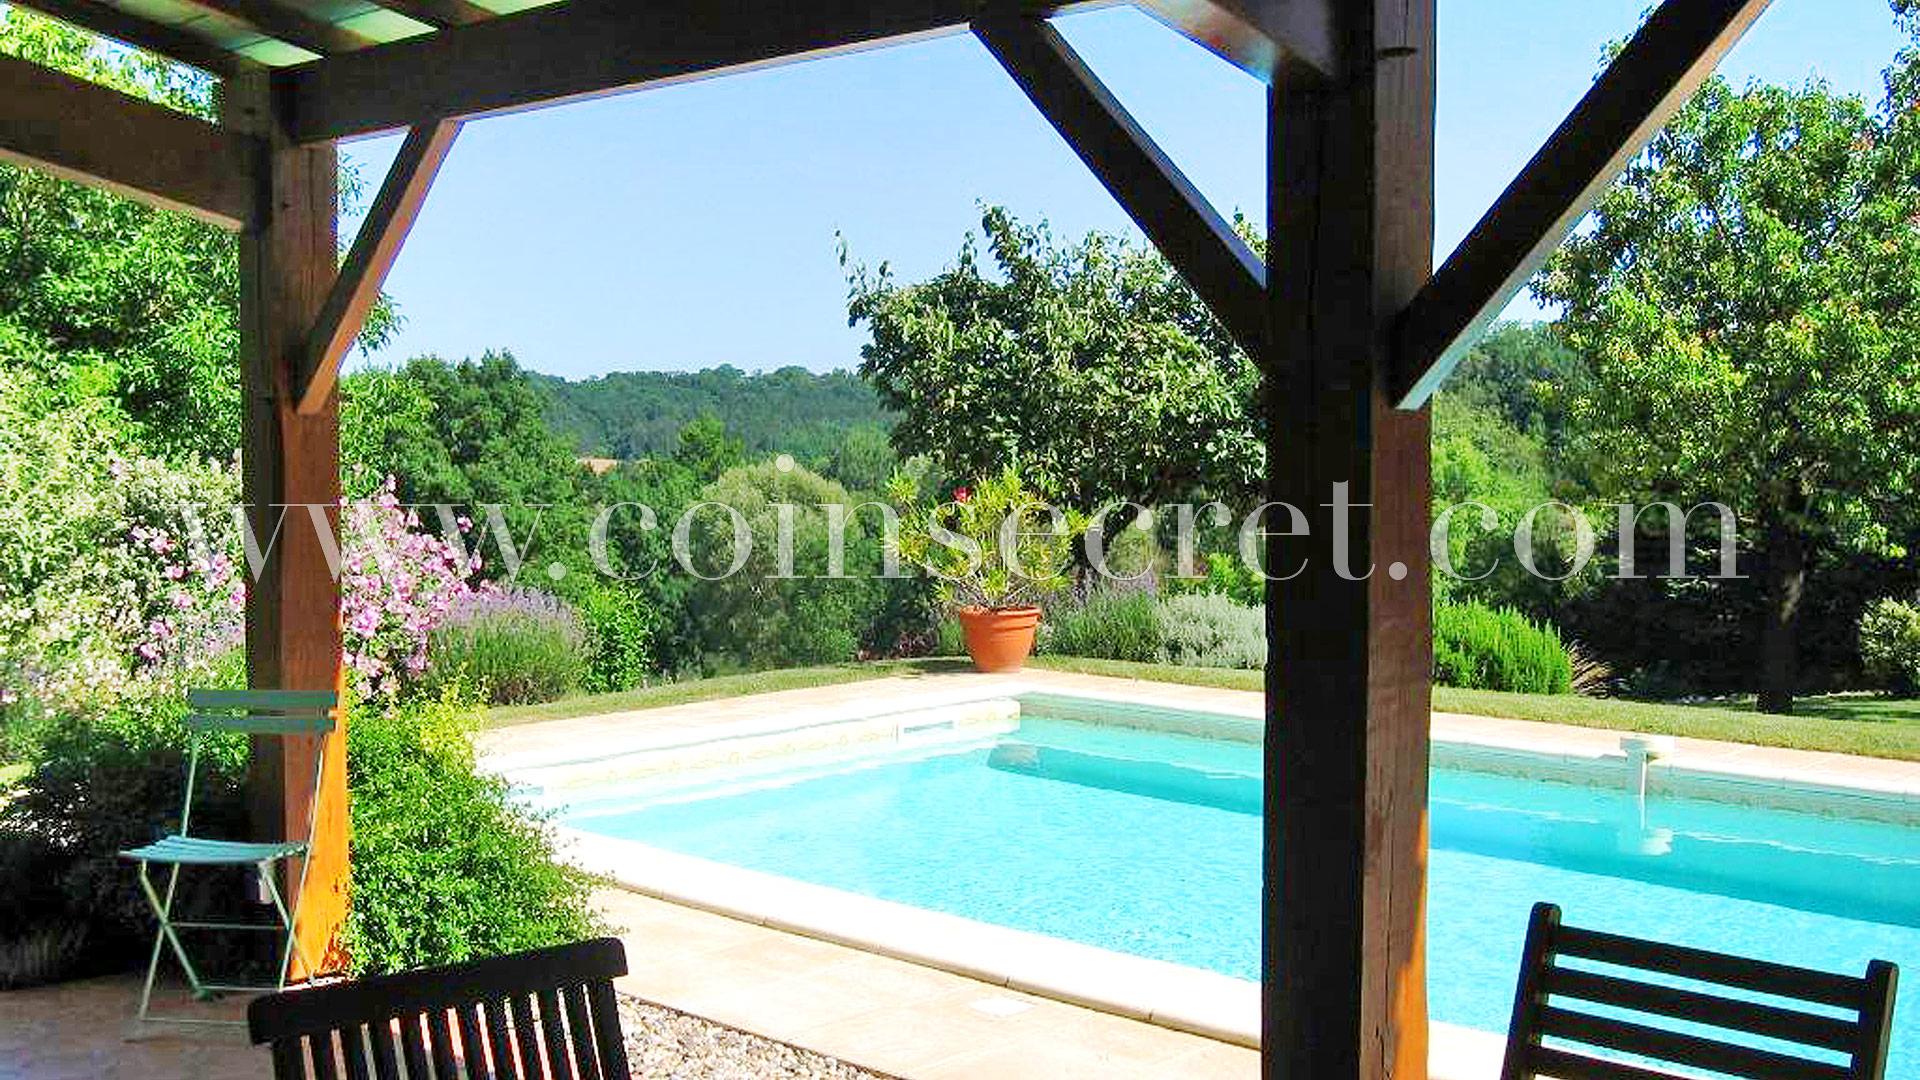 Location D'une Maison De Vacances Avec Piscine Près De ... intérieur Horaire Piscine Bergerac